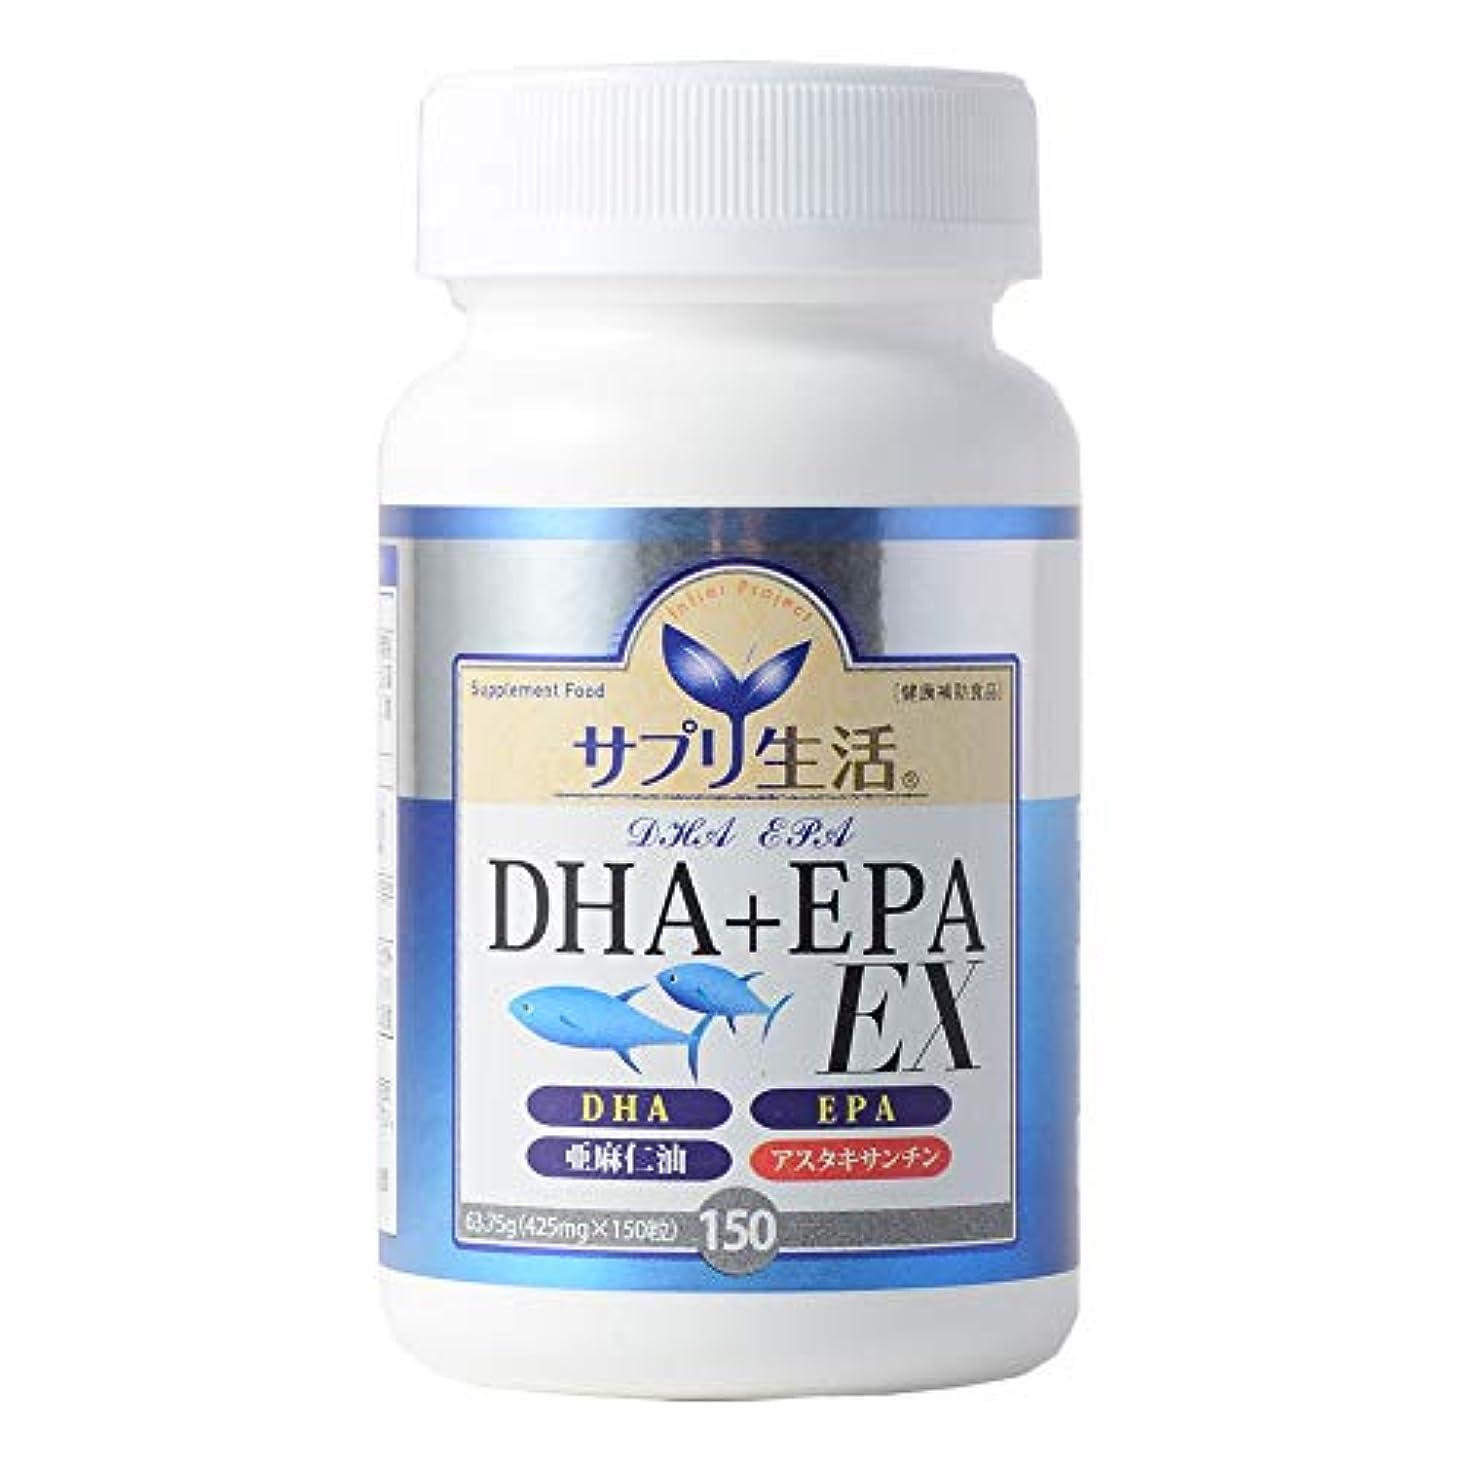 評判グロー姿を消すサプリ生活 DHA+EPA EX